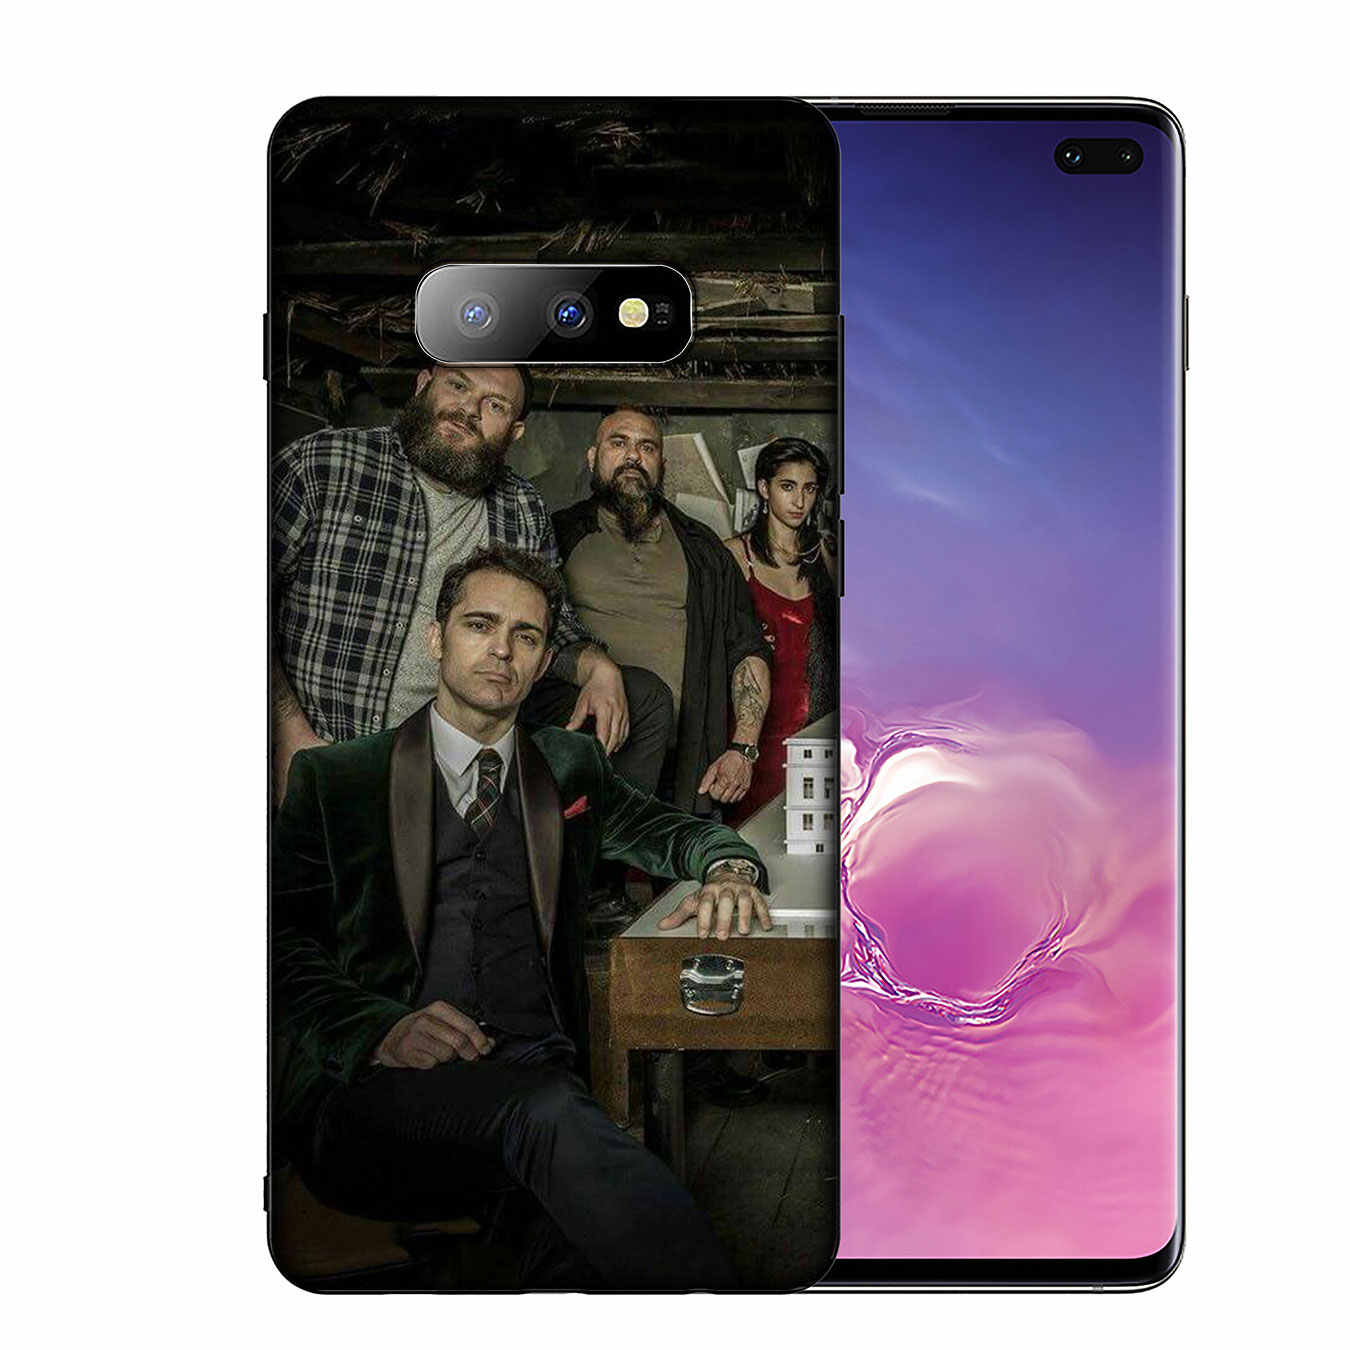 IYICAO ทีวีกระดาษเงิน Heist Soft TPU ซิลิโคนสำหรับ Samsung Galaxy S10 E S9 S8 Plus s6 S7 Edge S10e